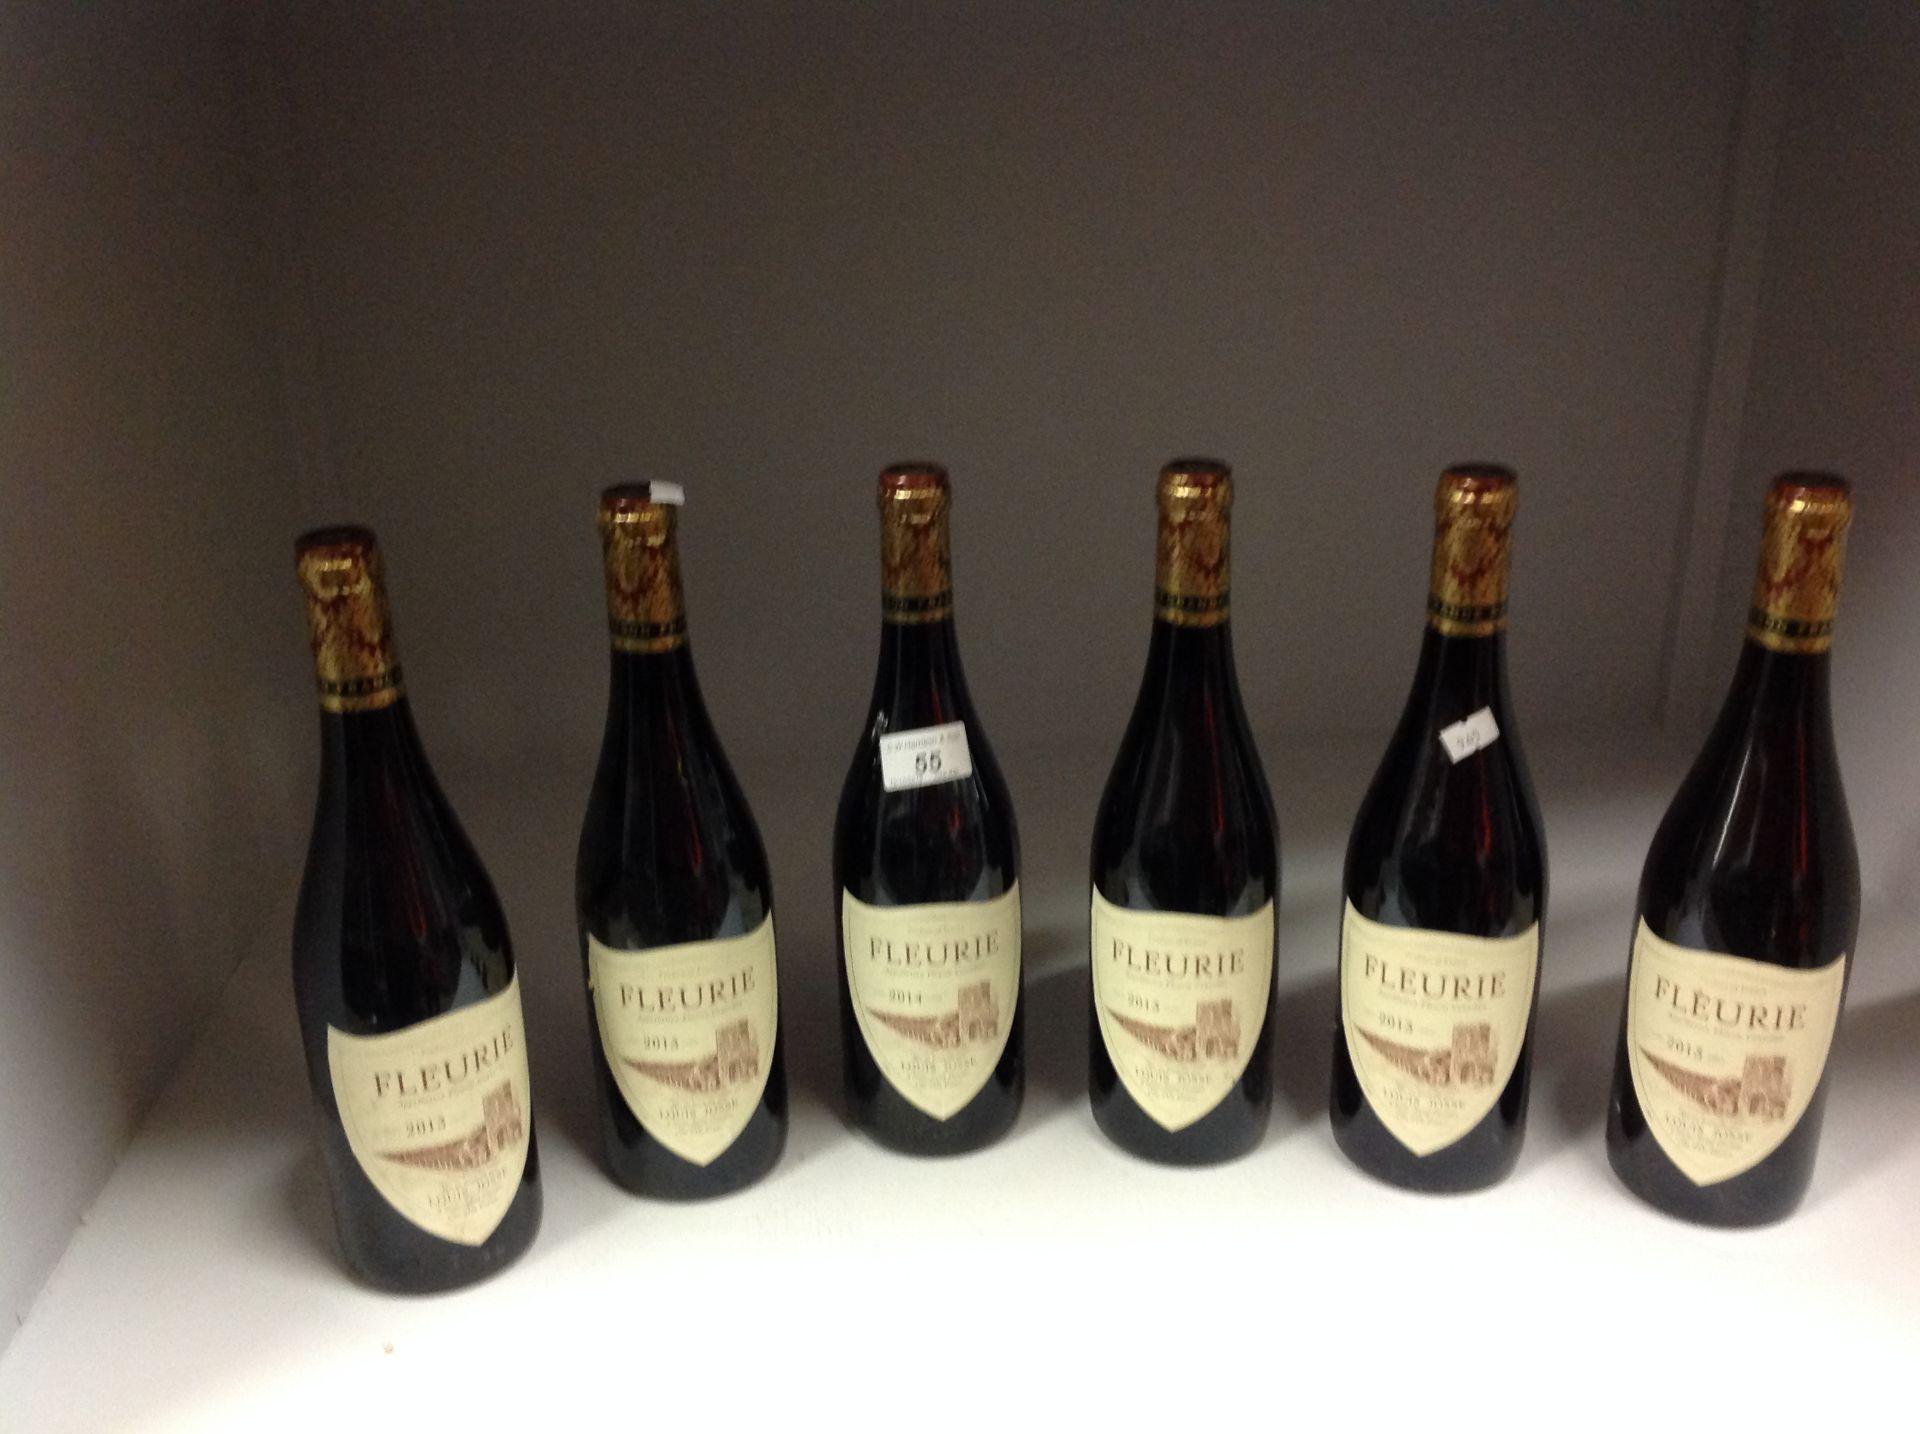 Lot 55 - 6 x 750ml bottles Louis Josse Fleurie